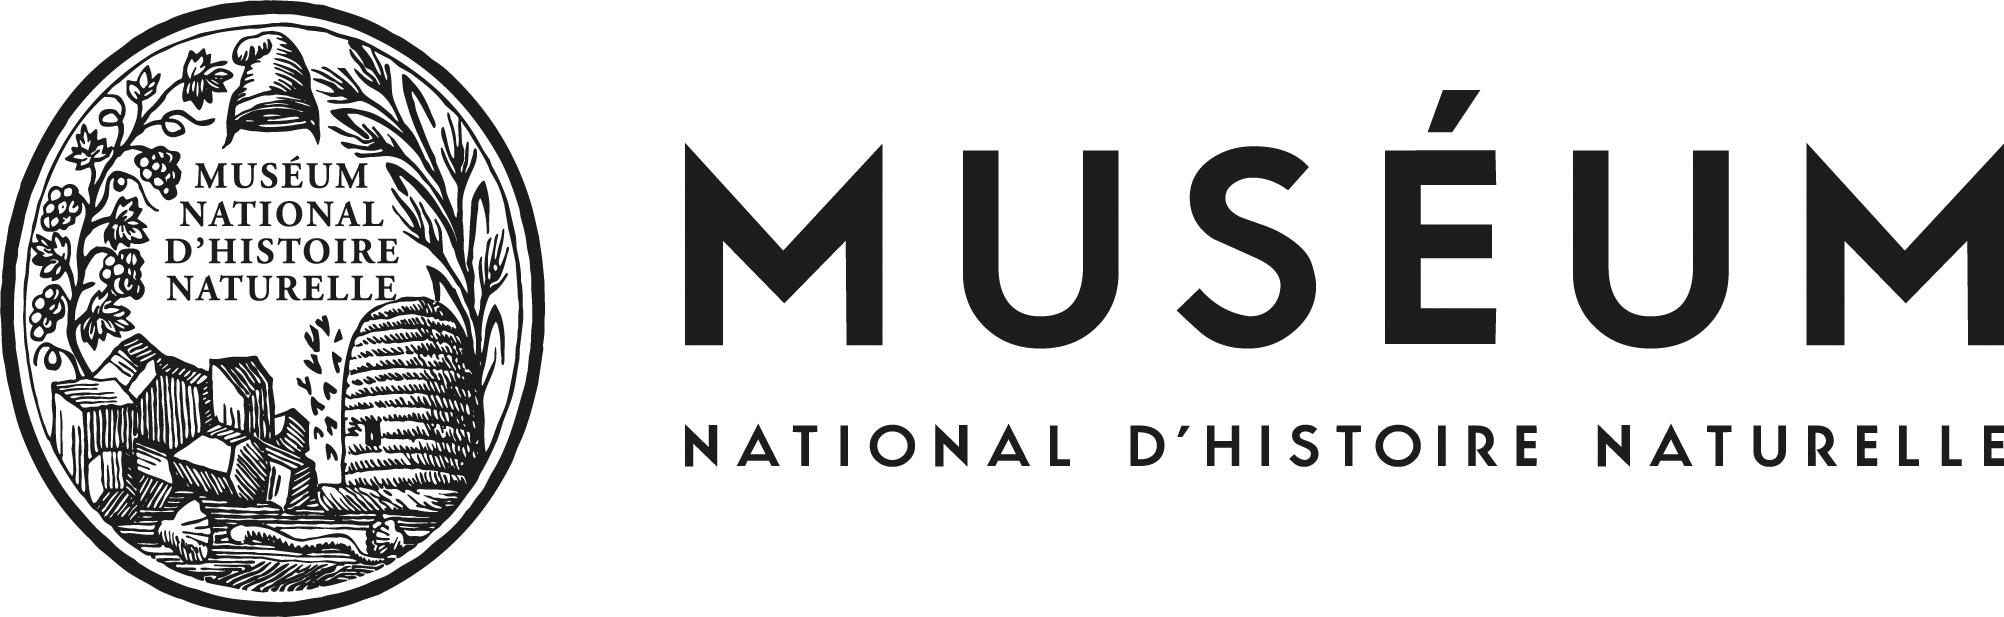 MUSEUM NATIONAL D'HISTOIRE NATURELLE